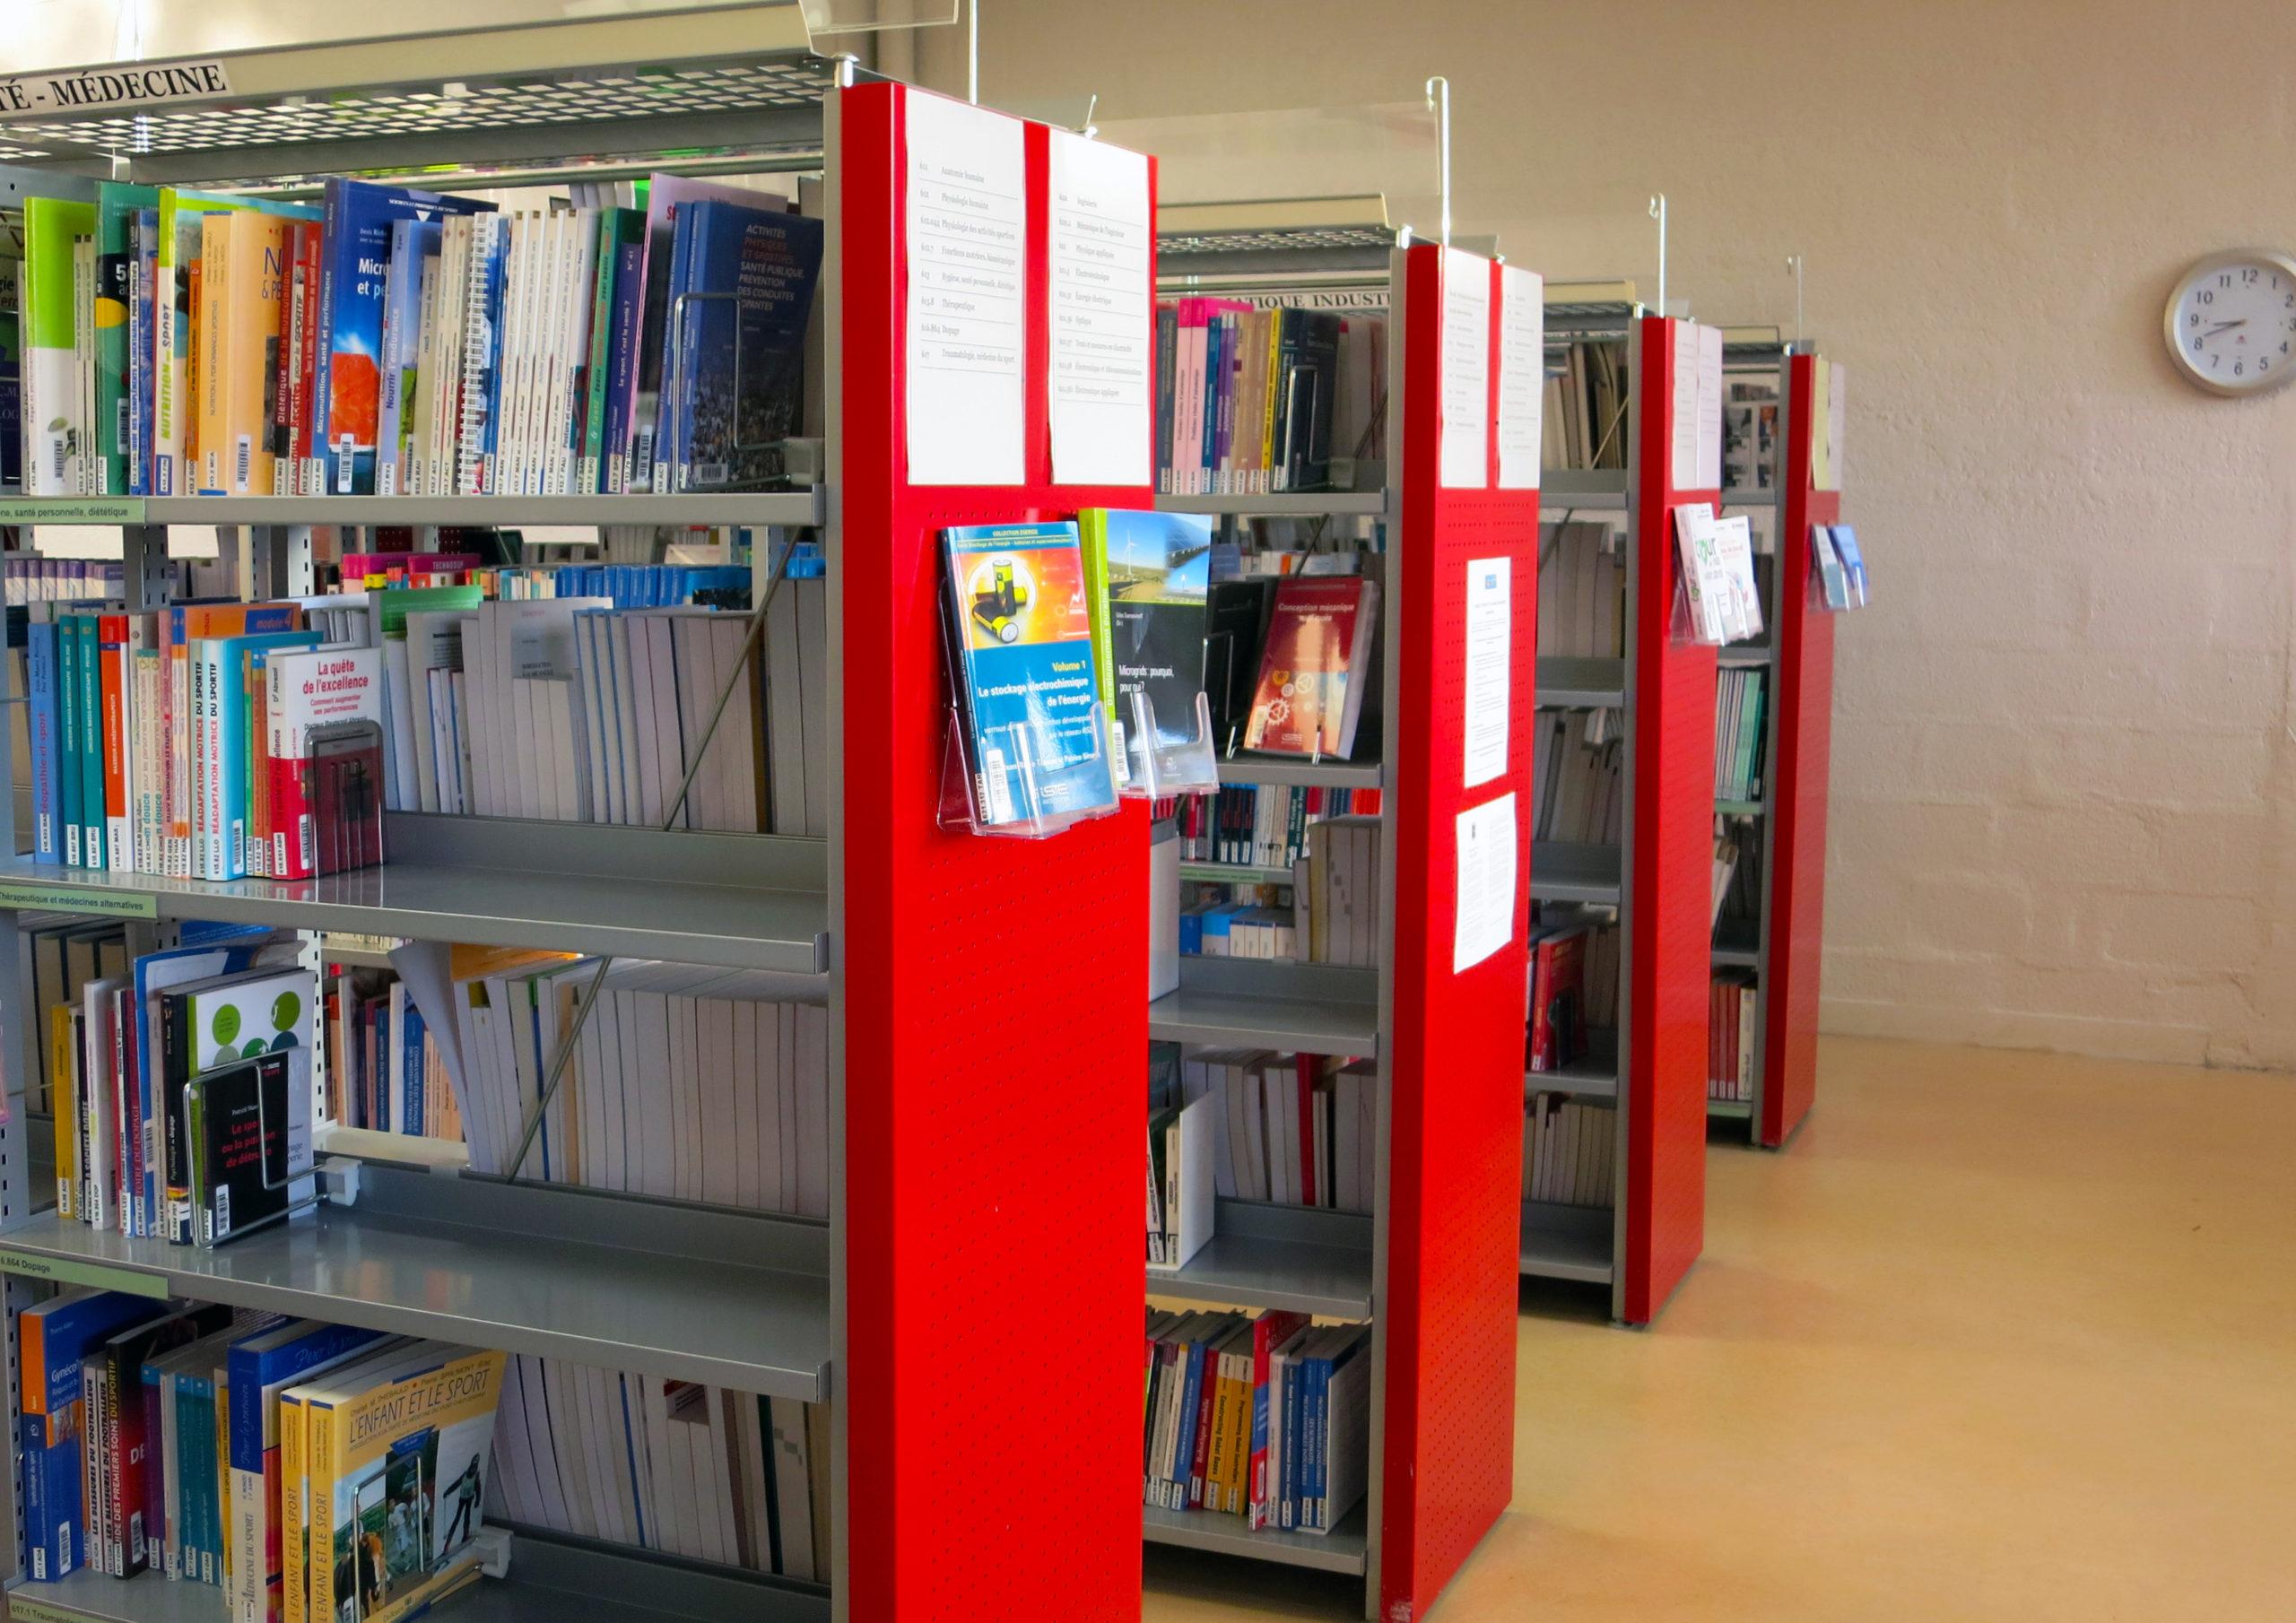 photographie de la bibliothèque universitaire de Cuffies / Soissons, rayonnages de livres